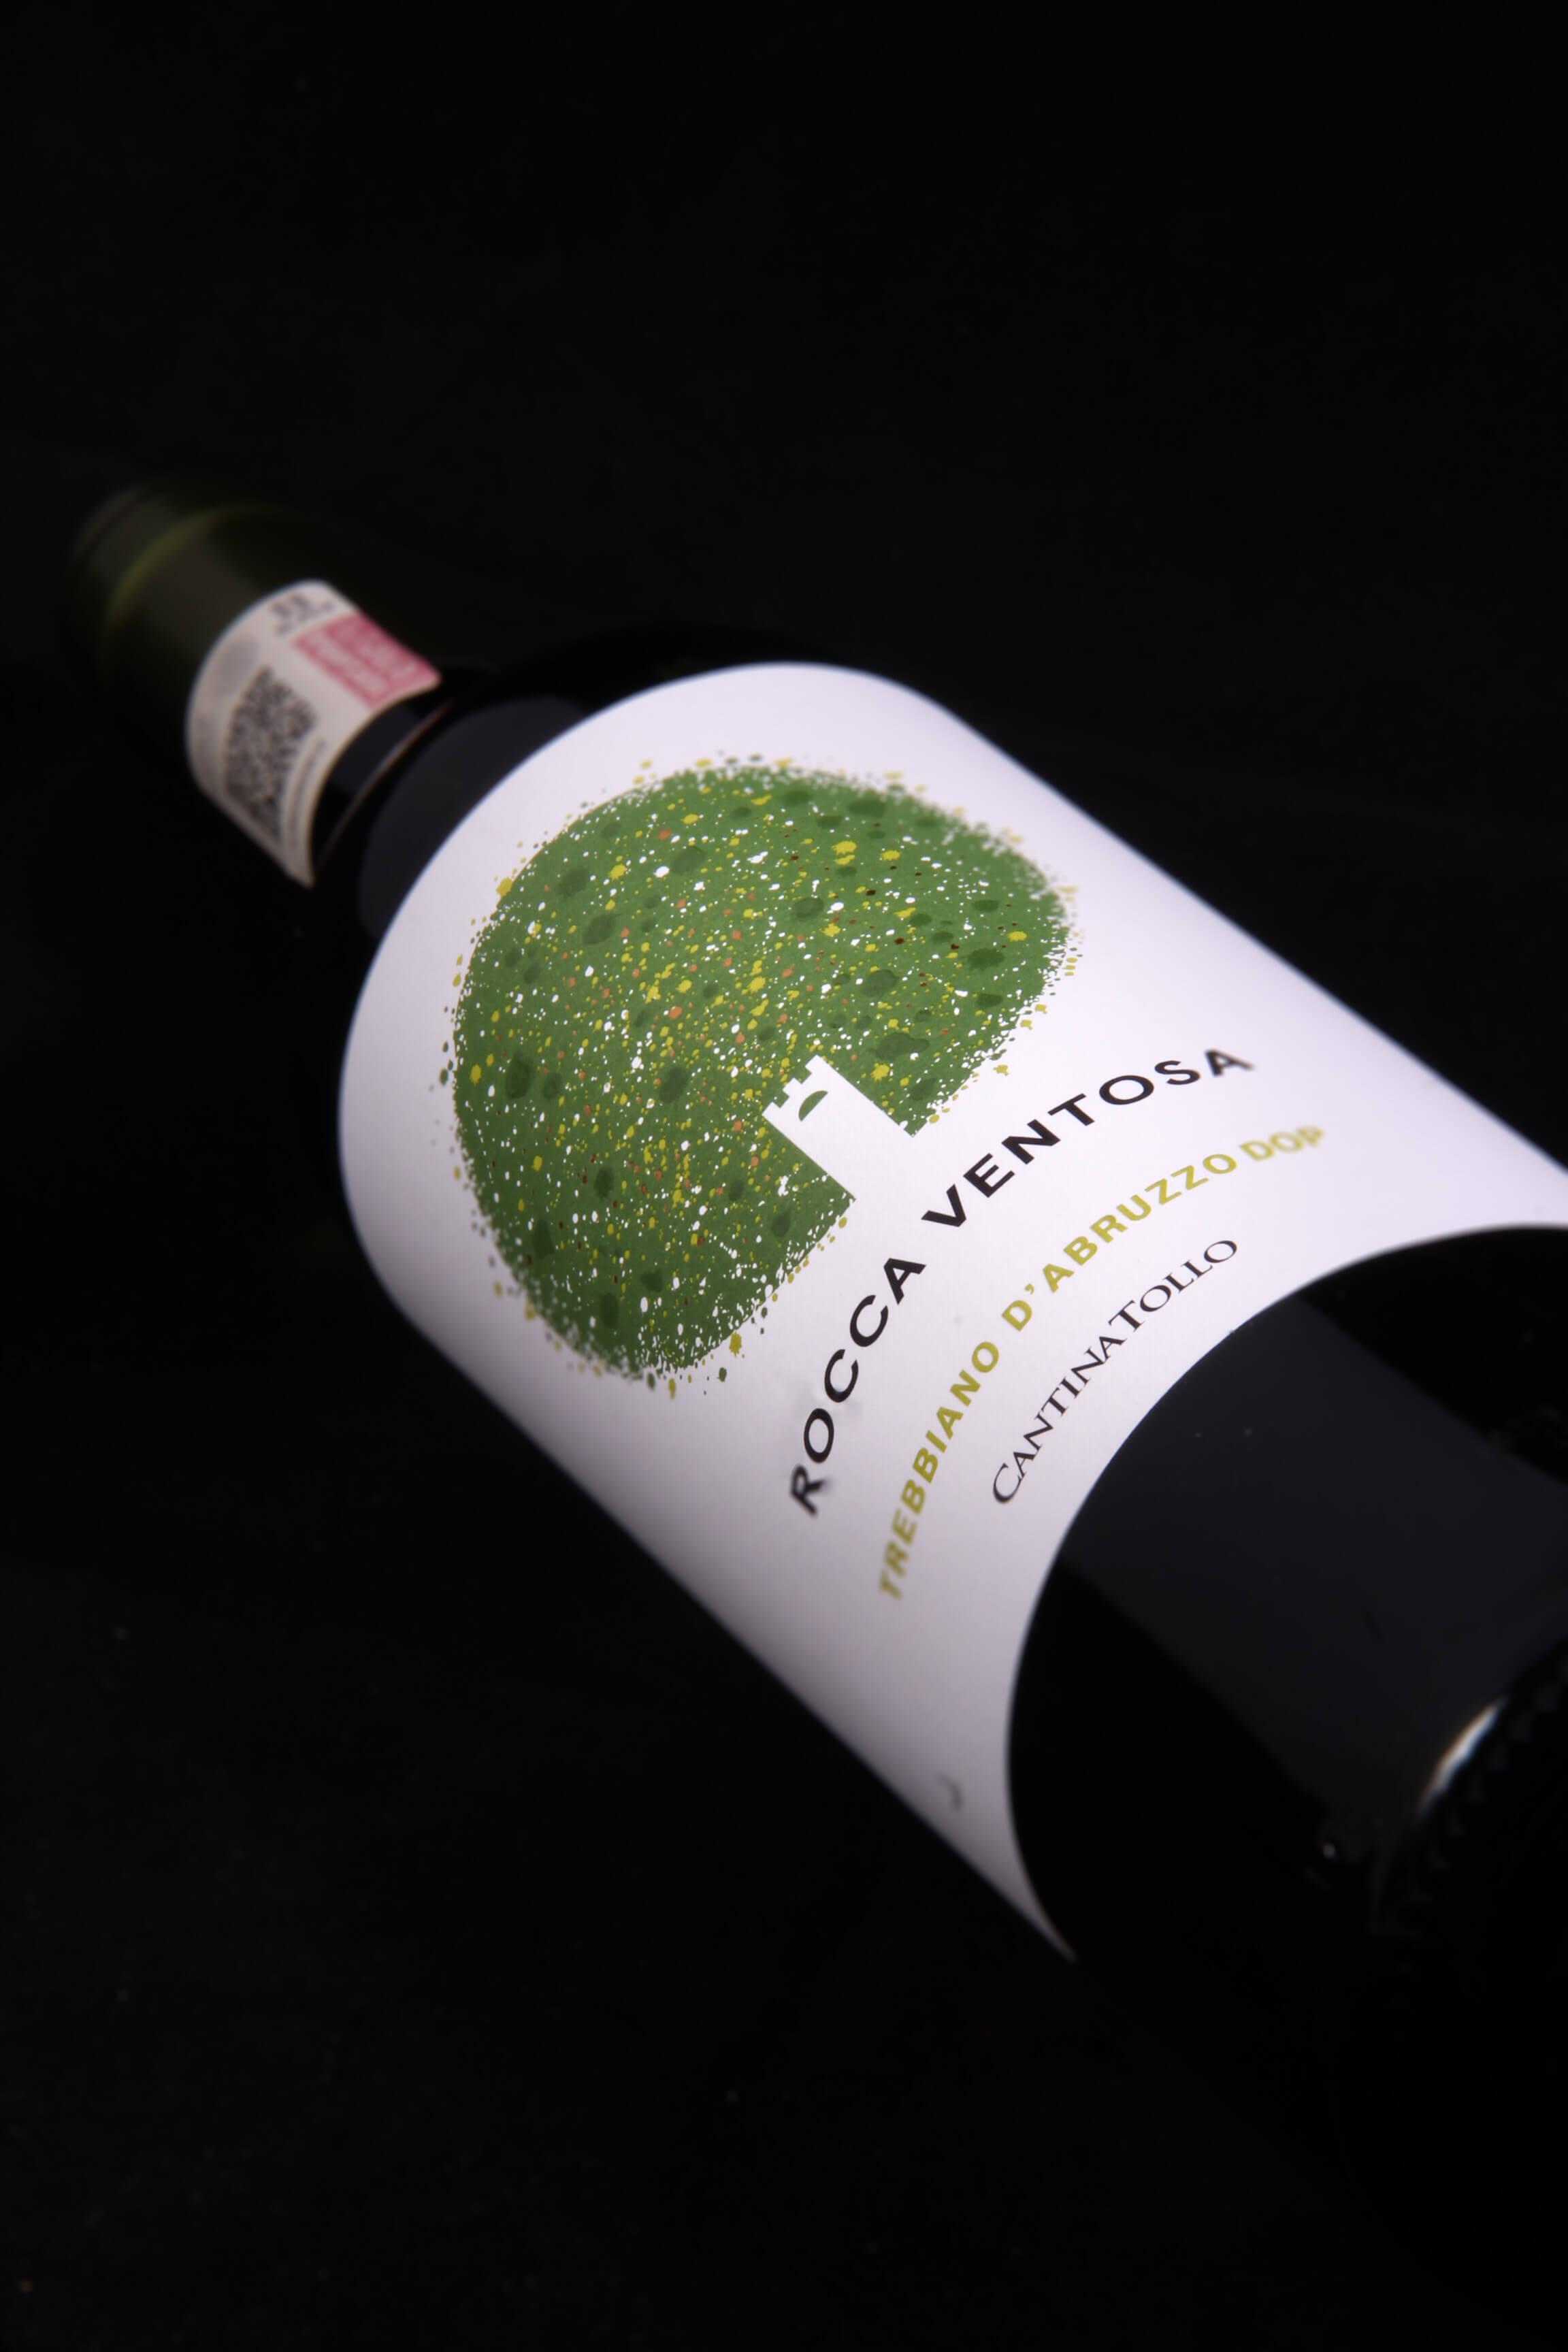 vino_nostrum-importadora_de_vinos_y_alimentos_ok37